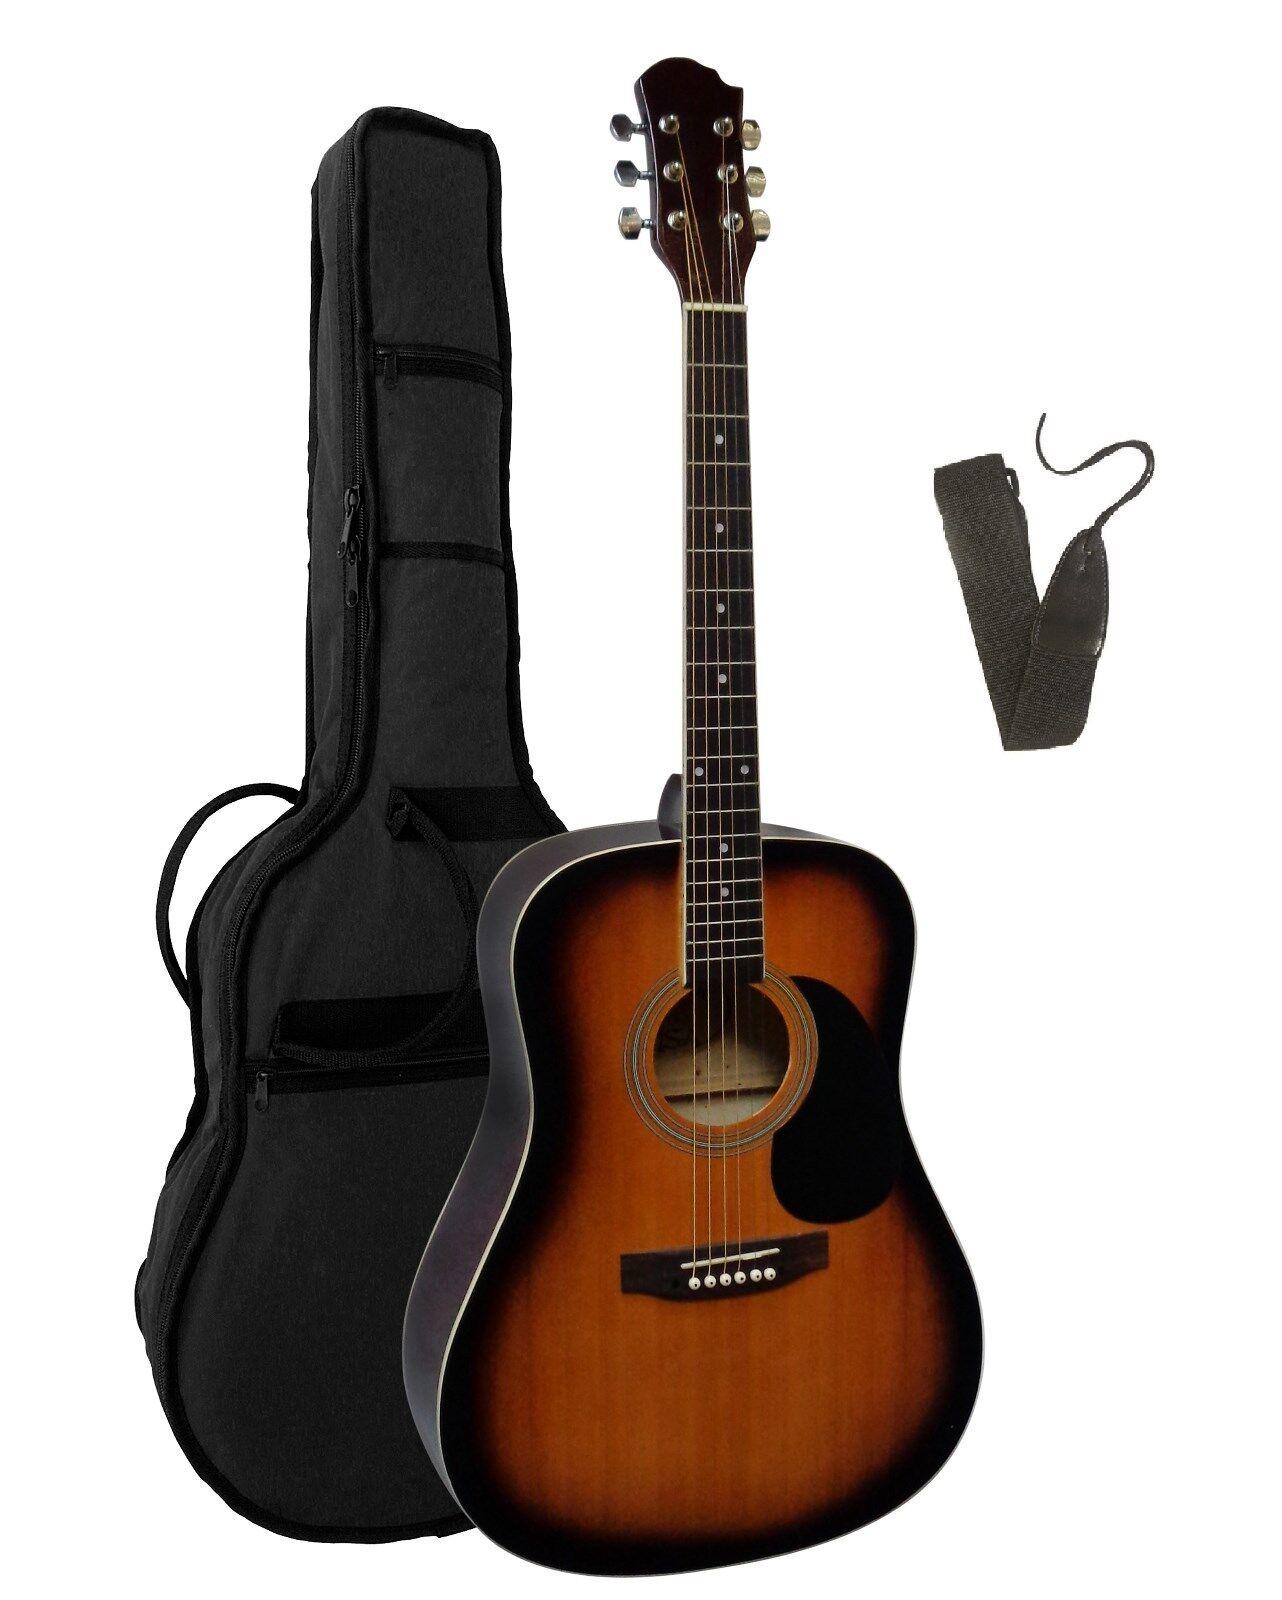 Westerngitarre + Tasche + Gurt, 4/4 Größe Akustikgitarre mit Stahlsaiten, Farben